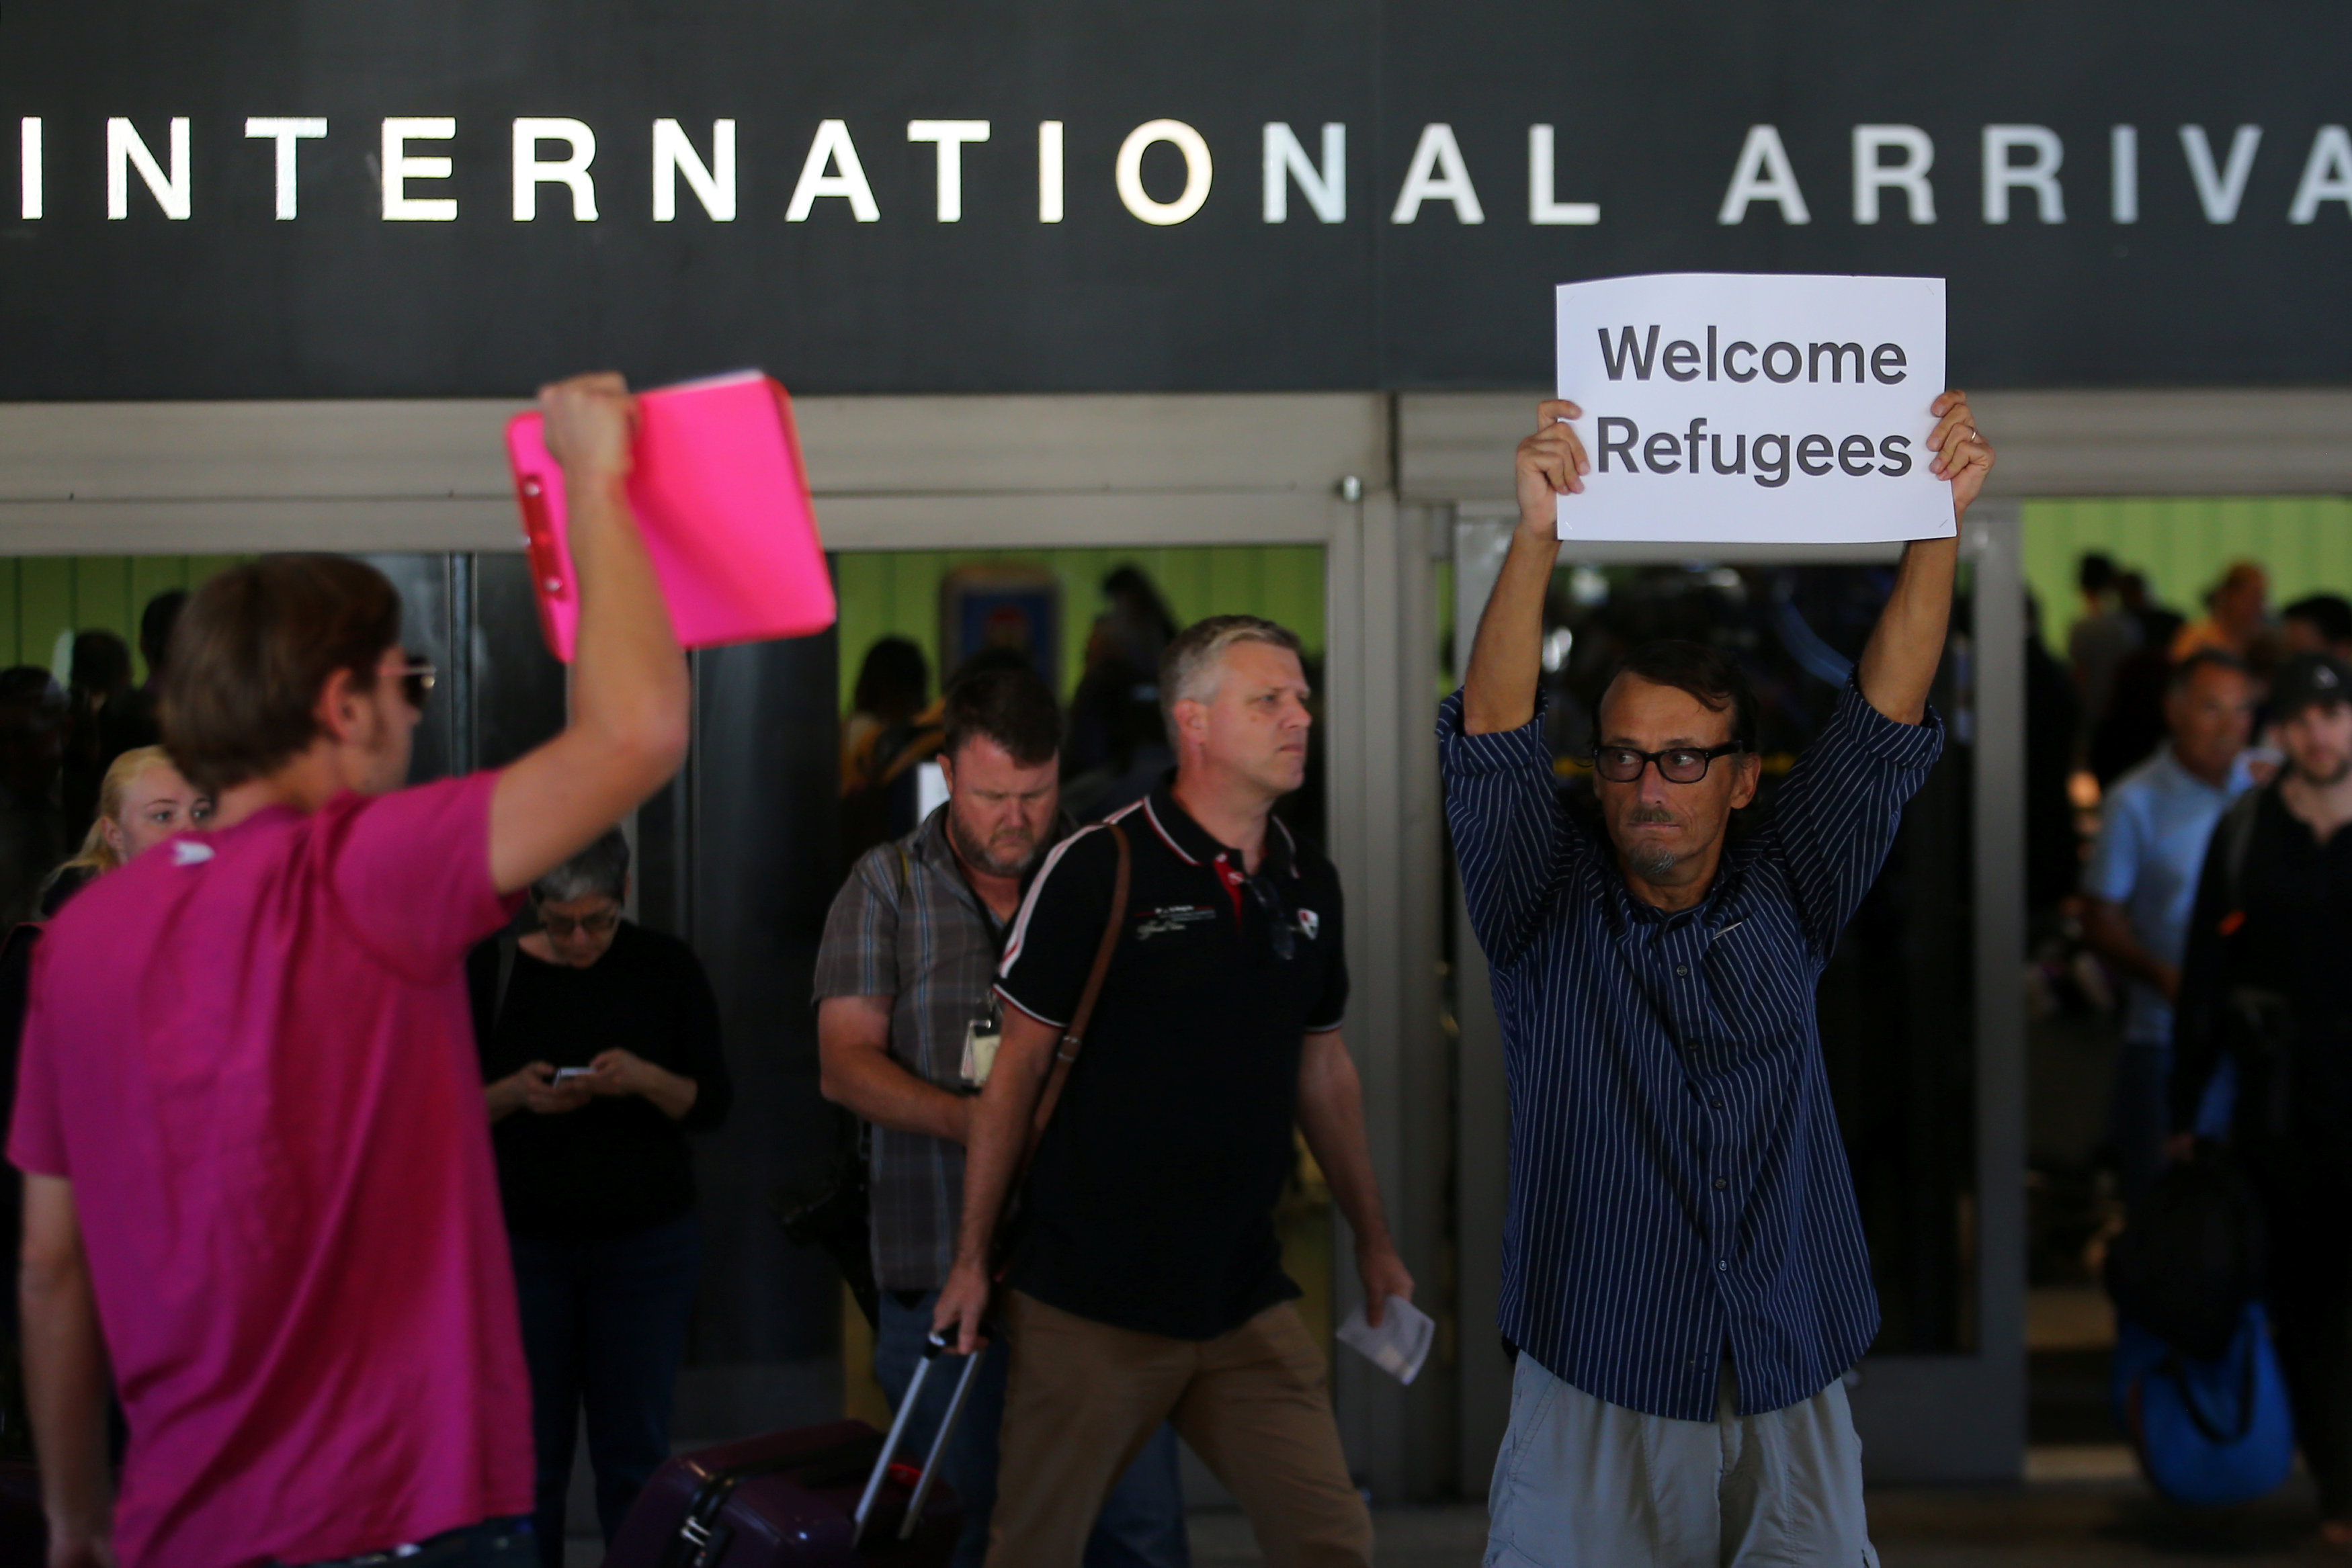 المهندس جون ويدر يرفع لافتة ترحب باللاجئين